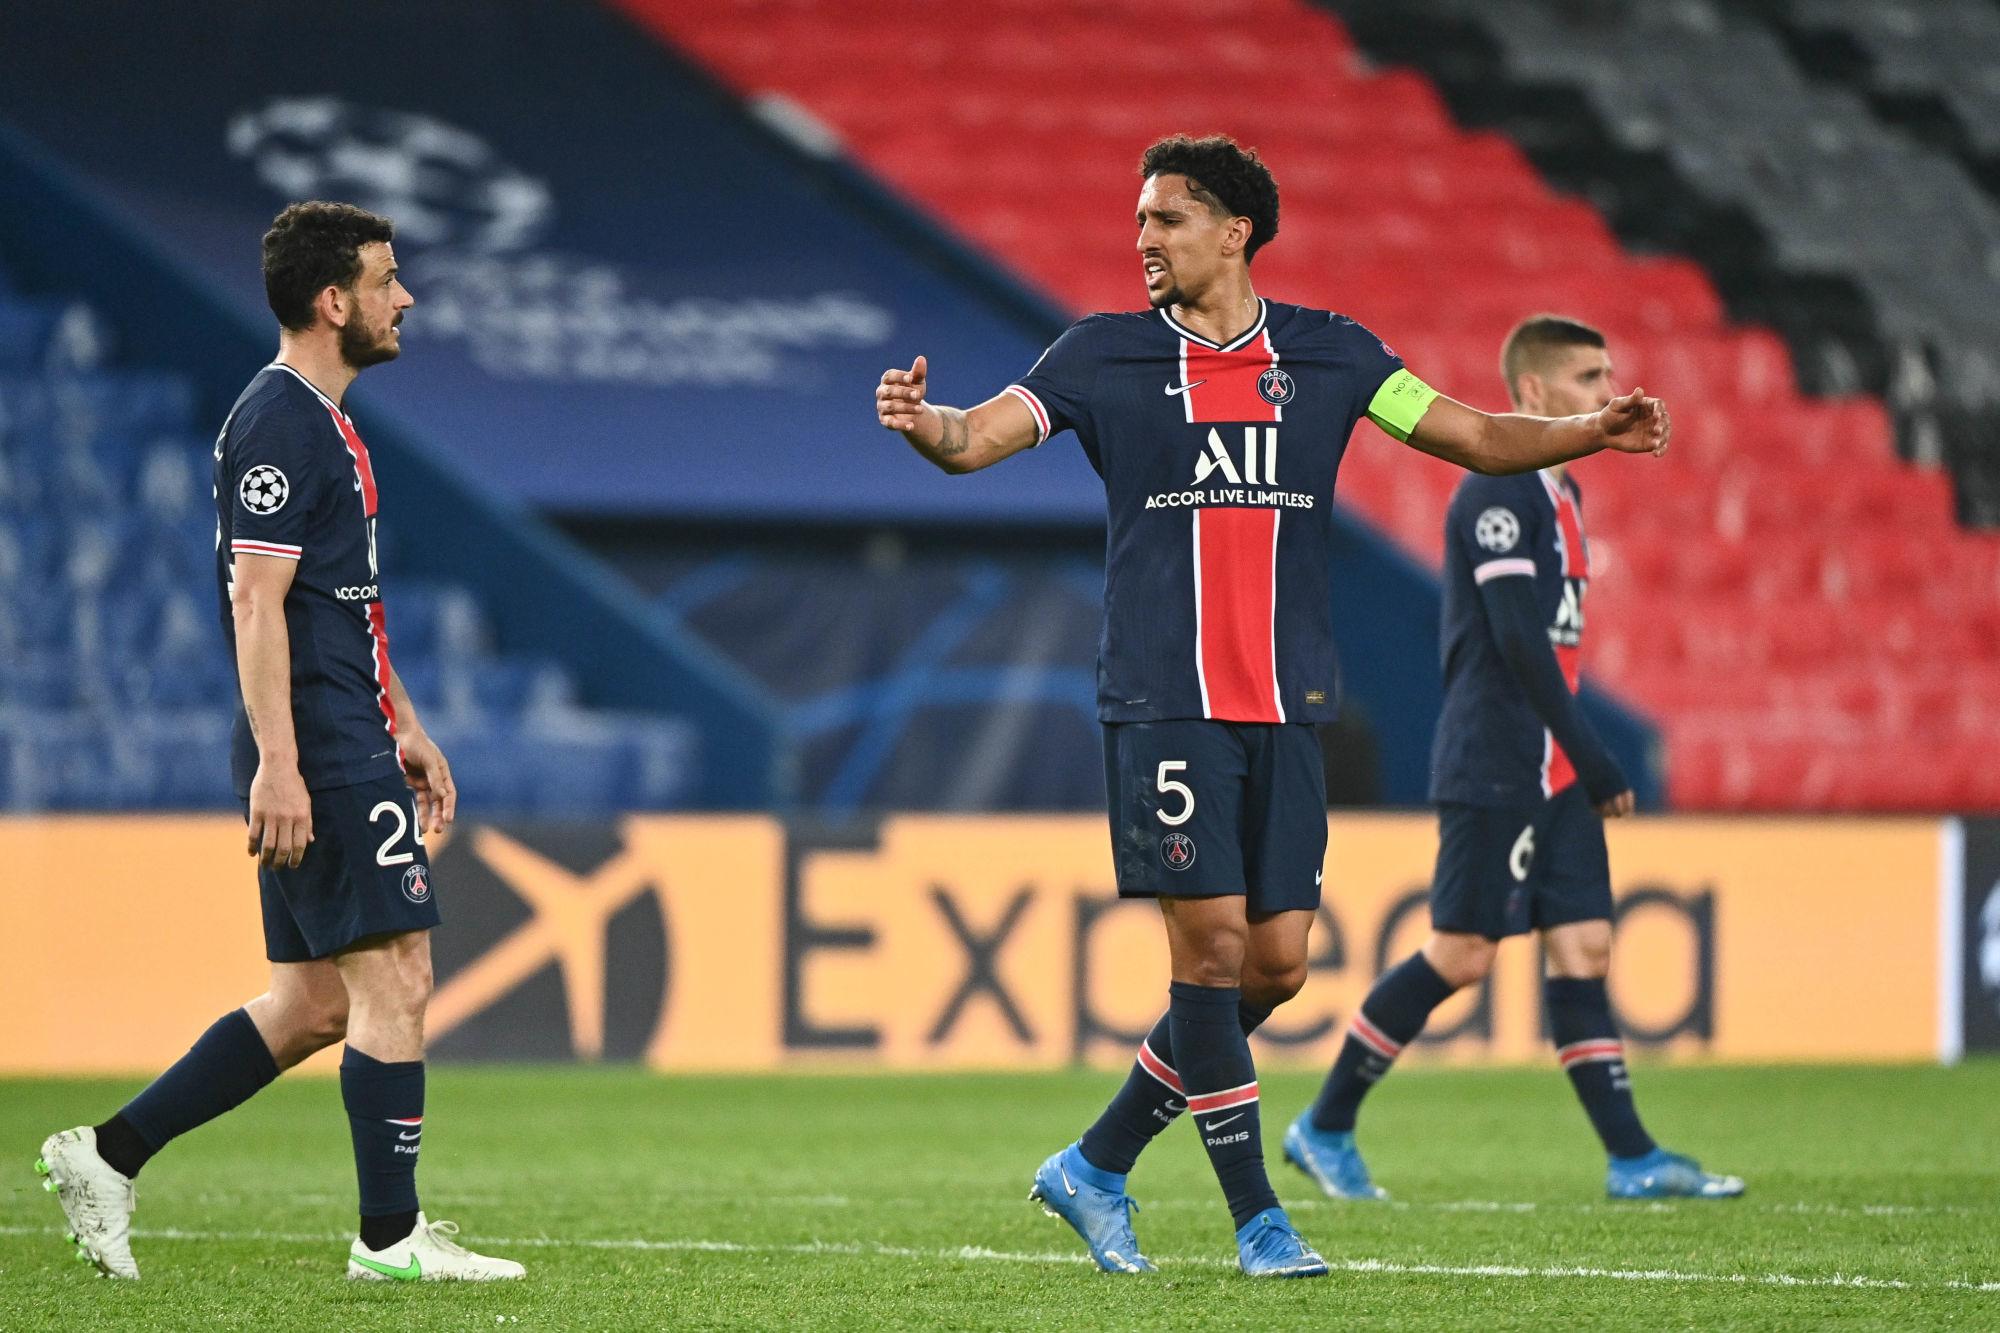 """PSG/City - Marquinhos lucide: """"On doit rester plus costaud dans la difficulté"""""""